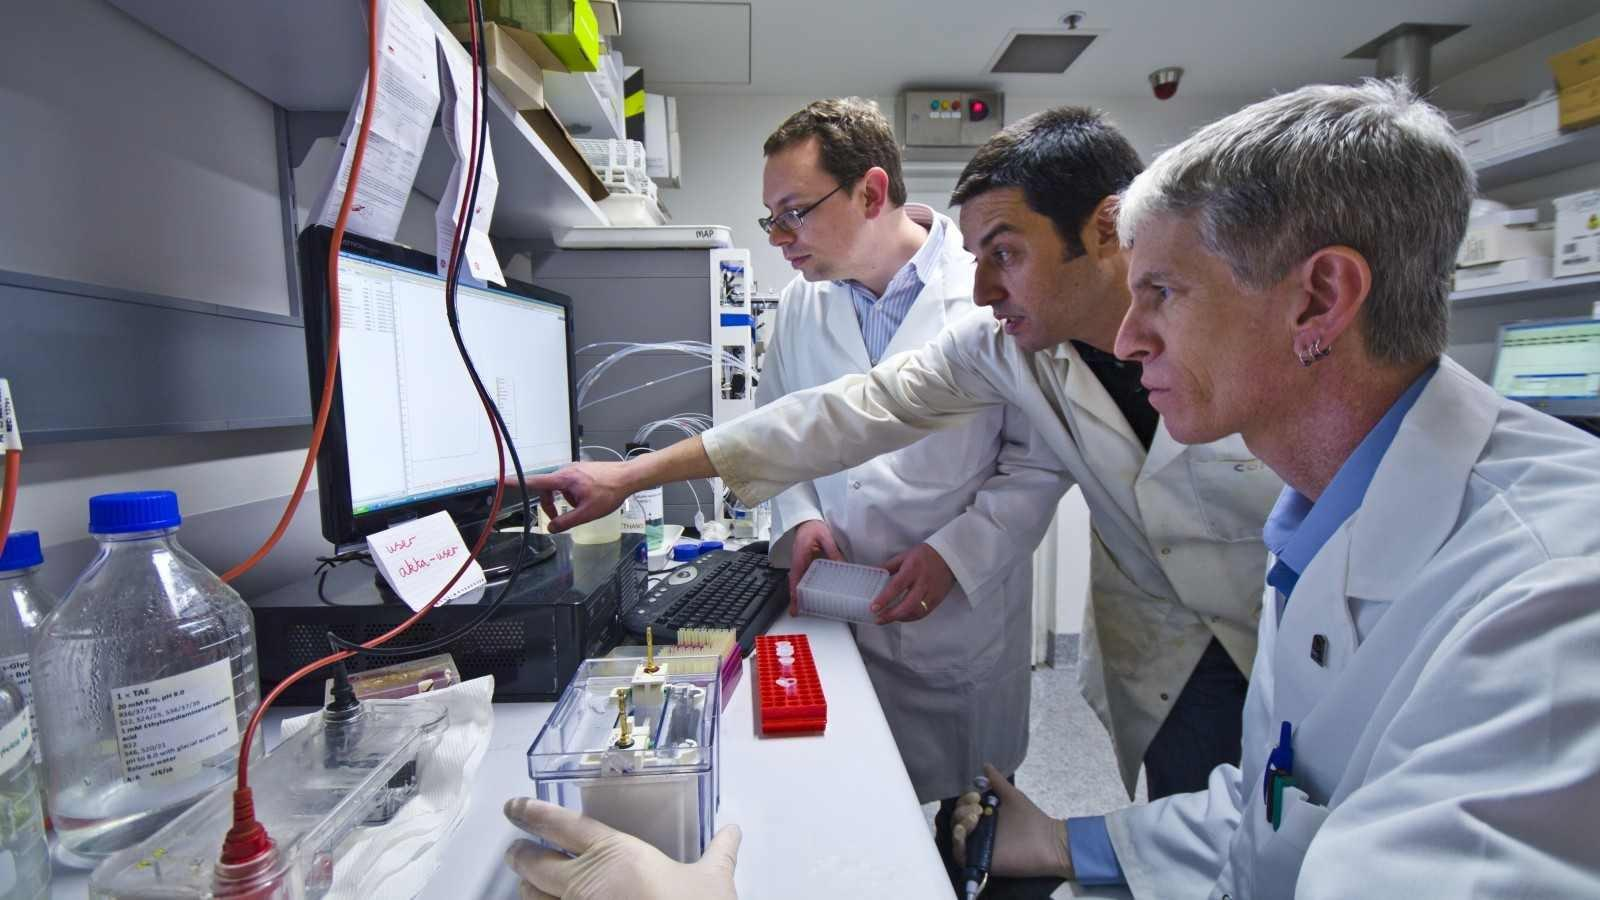 Учёным удалось создать препарат, который сдерживает развитие рассеянного склероза